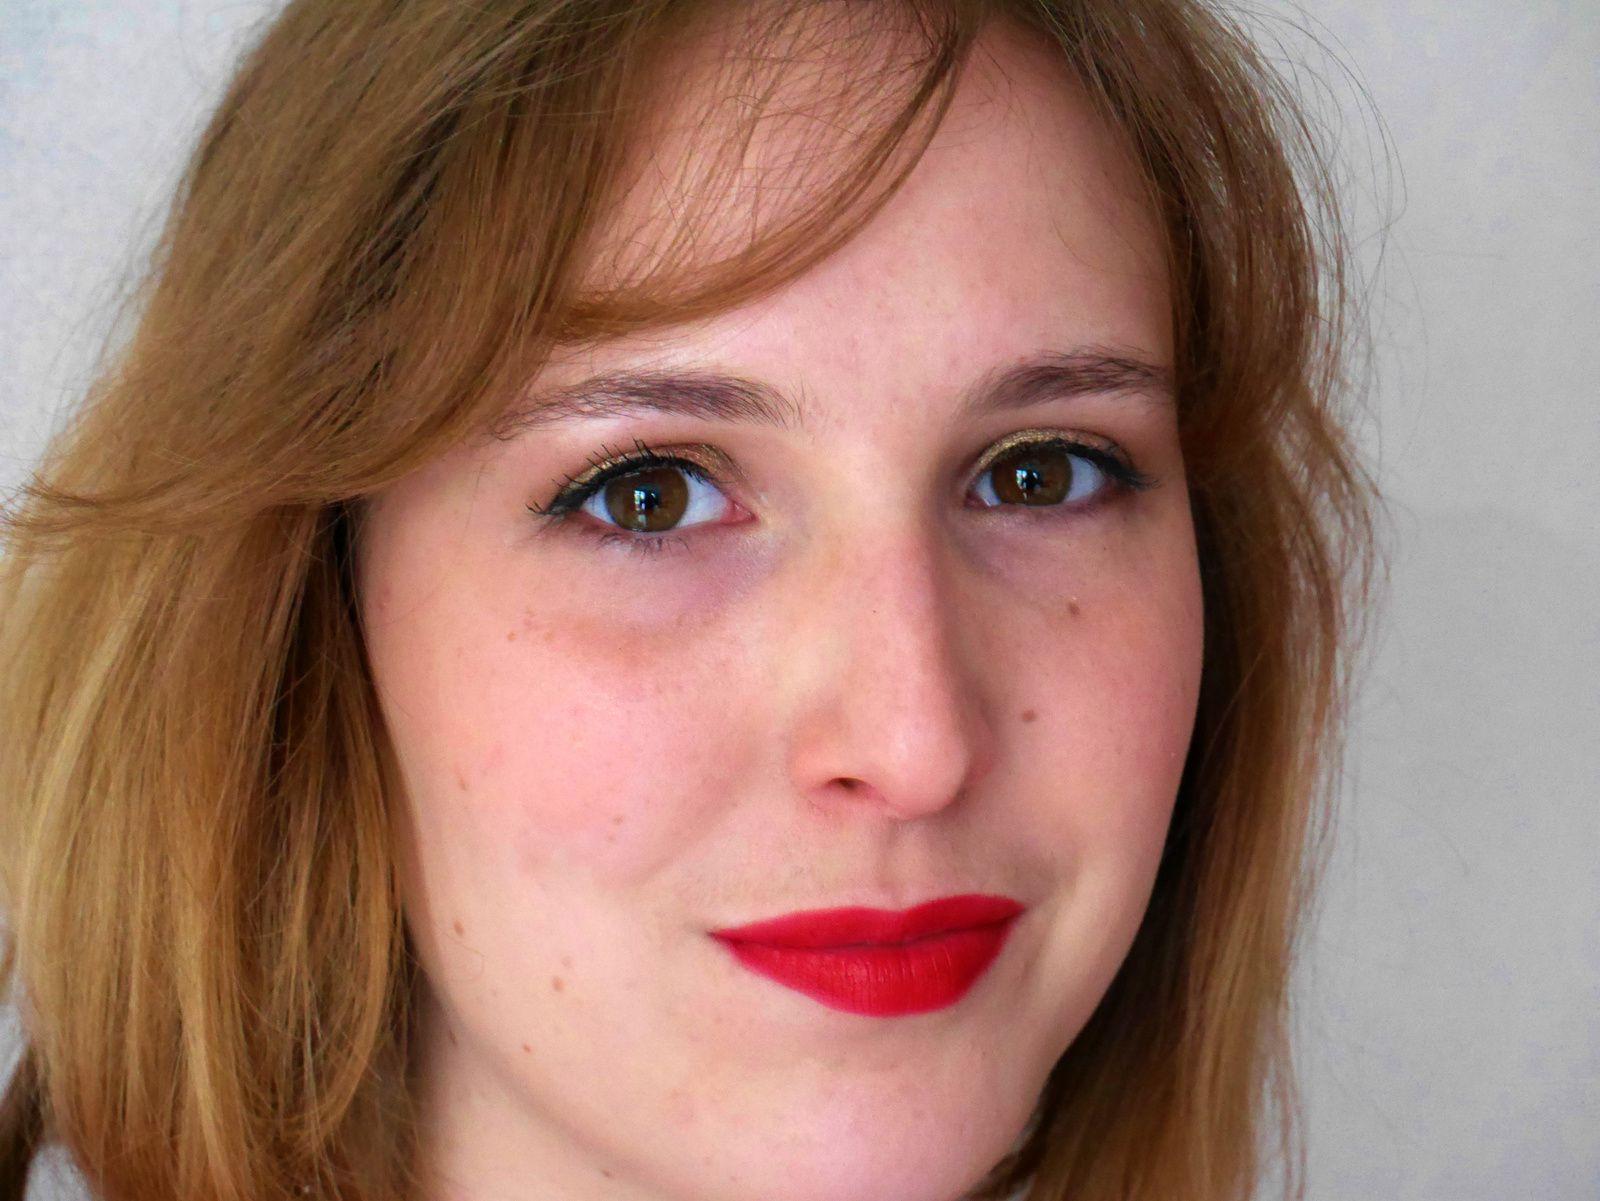 deuxième look, plus marqué au niveau des yeux et du teint. Rouge Edition Velvet de Bourgeois demoisailesfaitdesrevues.over-blog.com